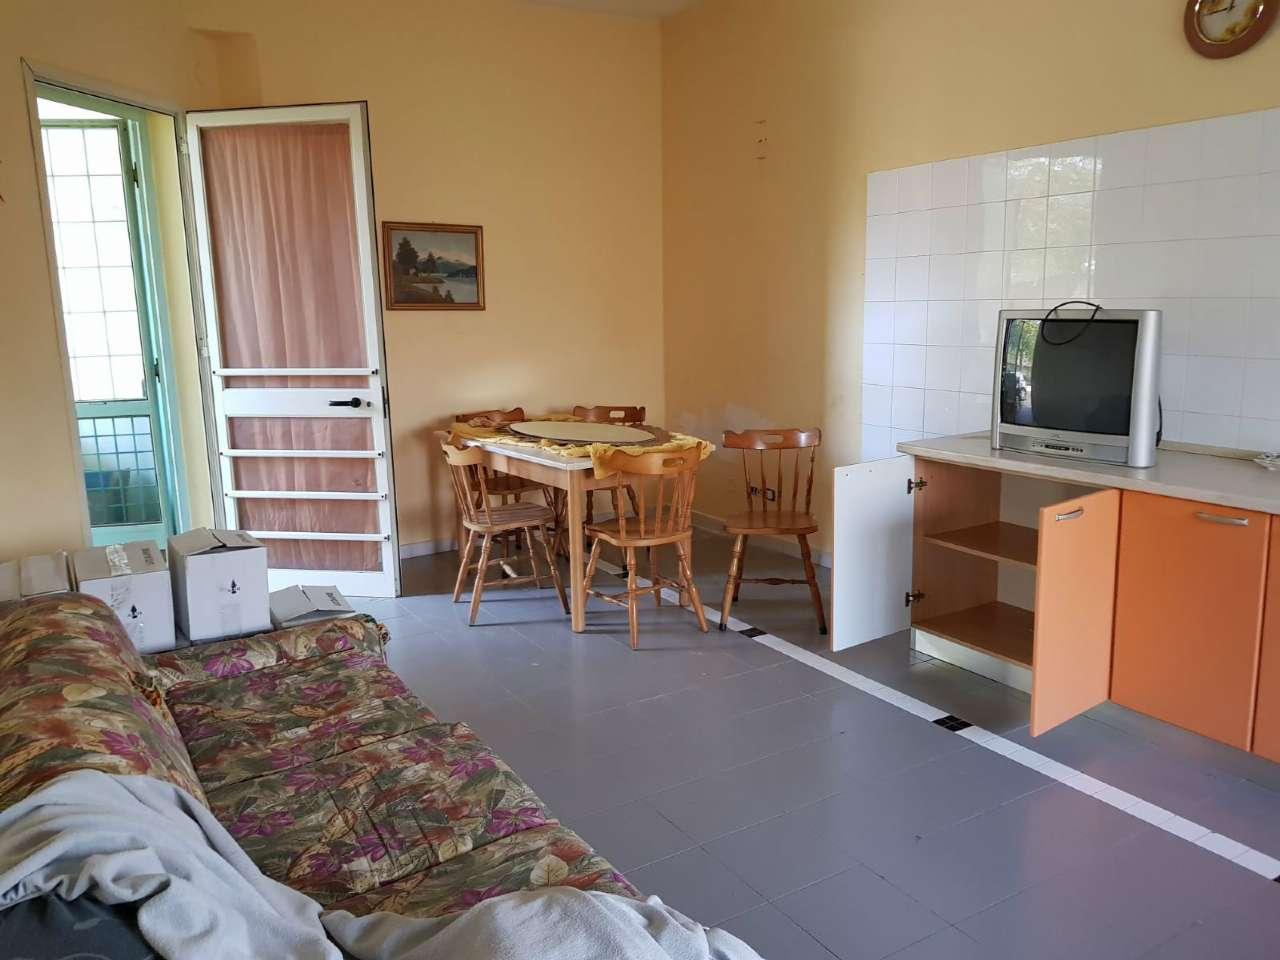 Appartamento, piano, 0, Affitto/Cessione - Striano